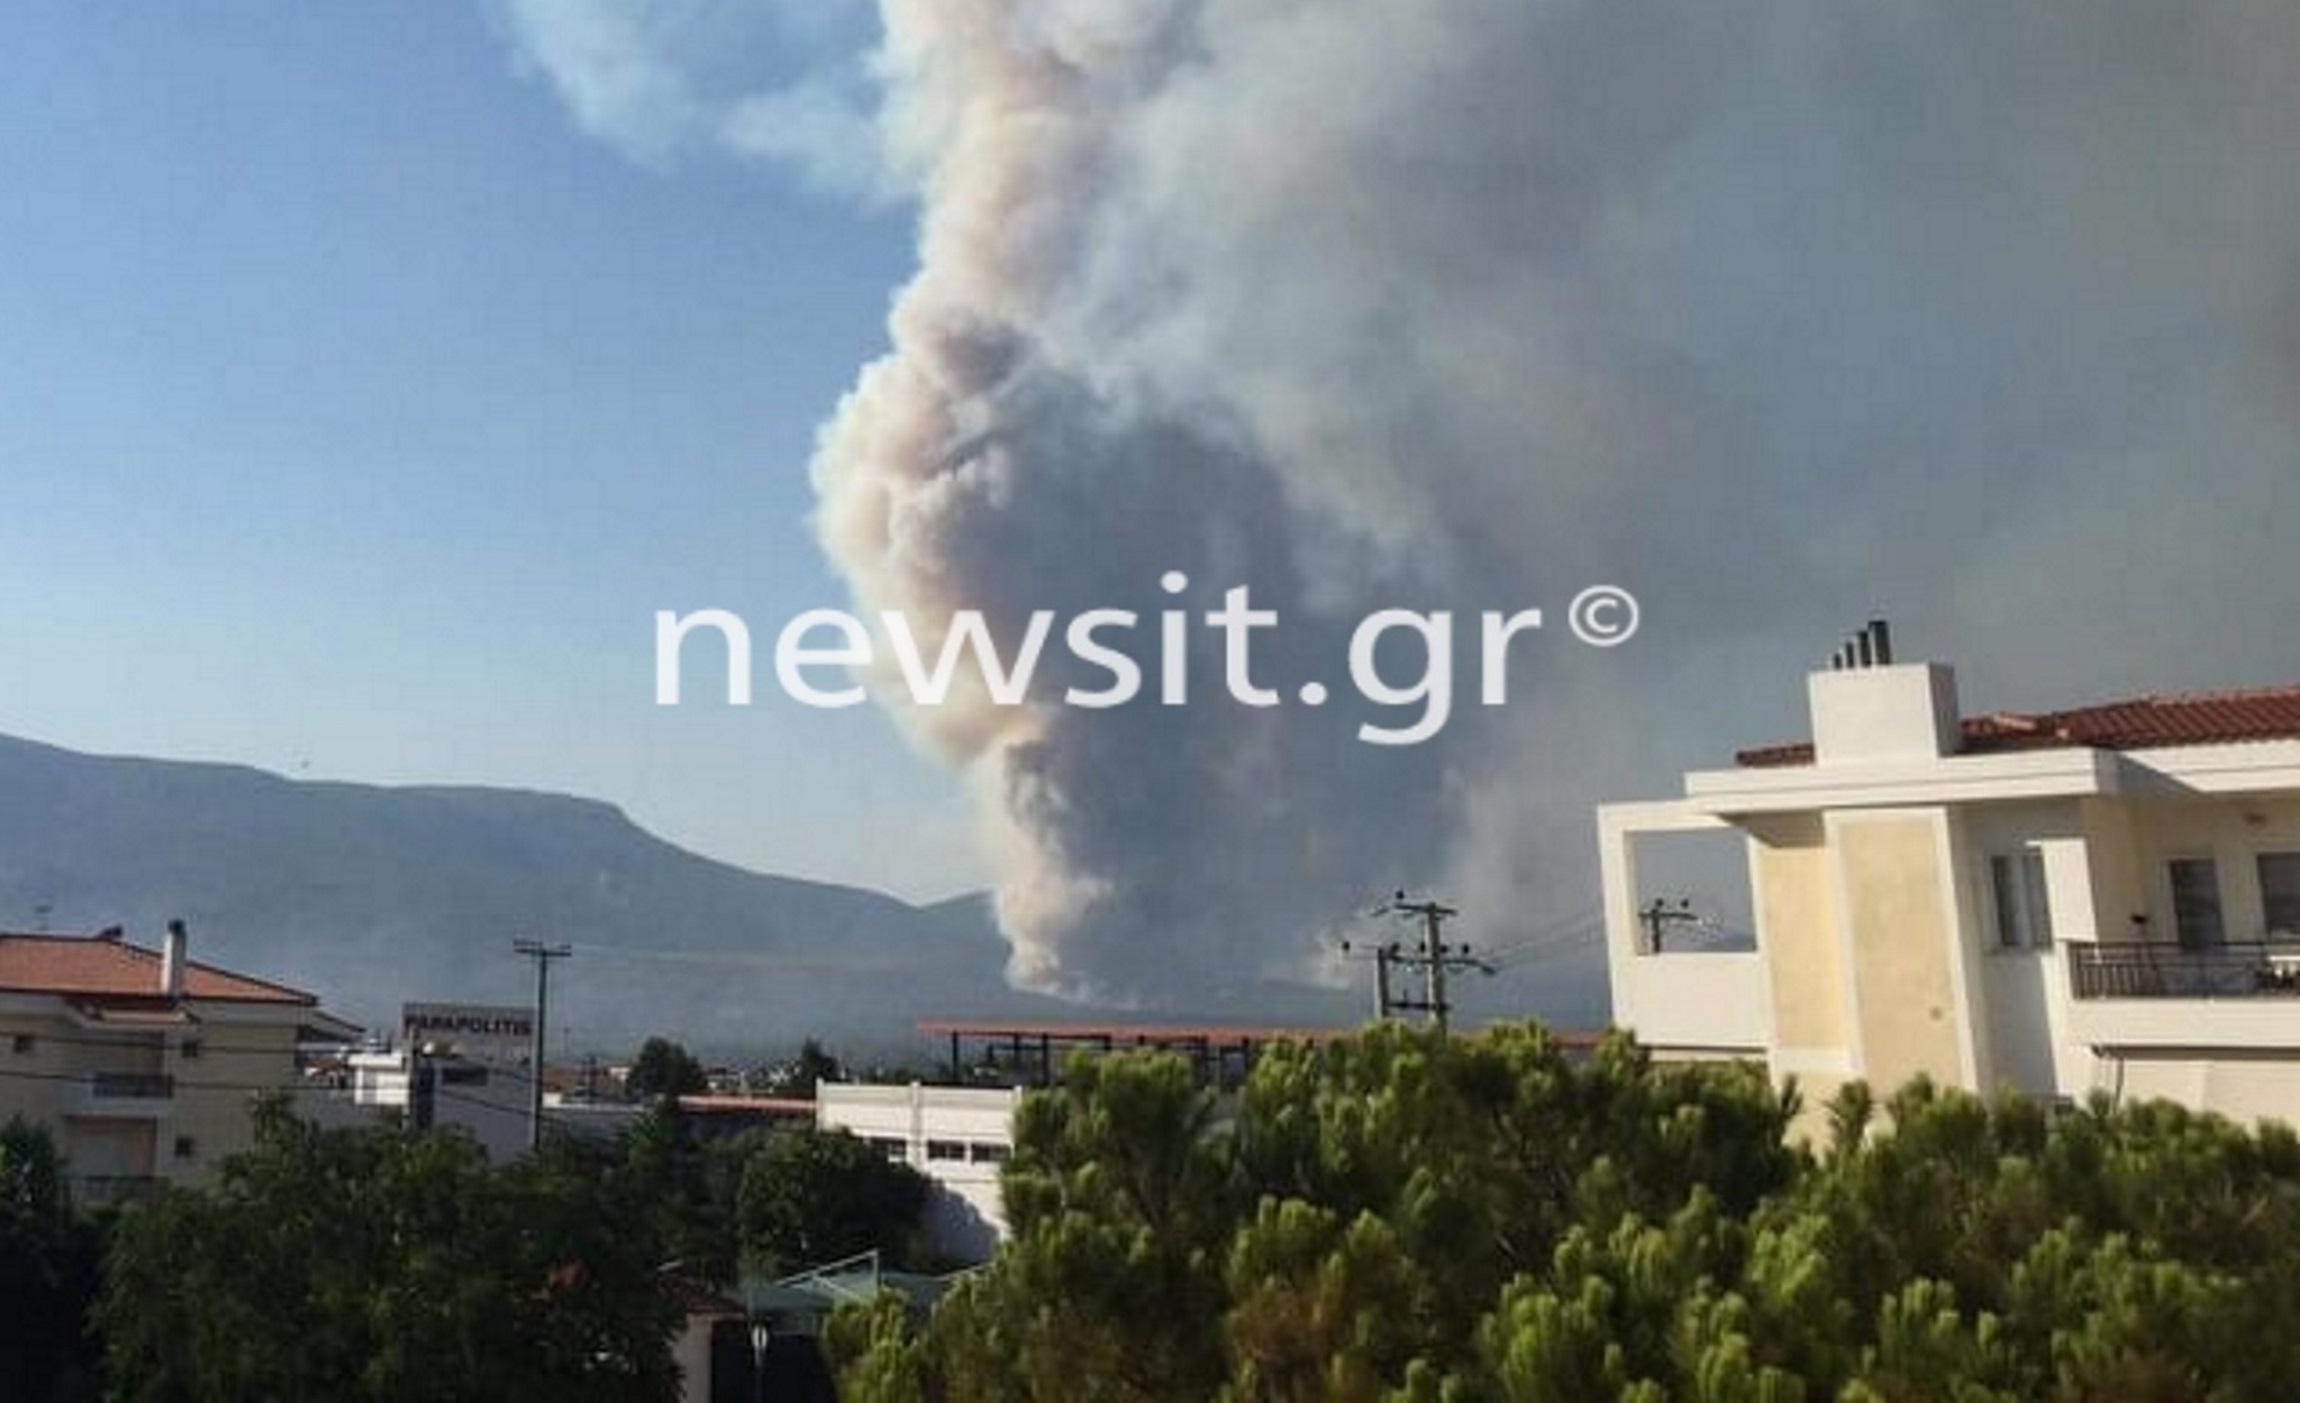 Φωτιά στη Βαρυμπόμπη: «Εκκενώστε τώρα από Θρακομακεδόνες προς Αχαρνές» – Νέο μήνυμα του 112